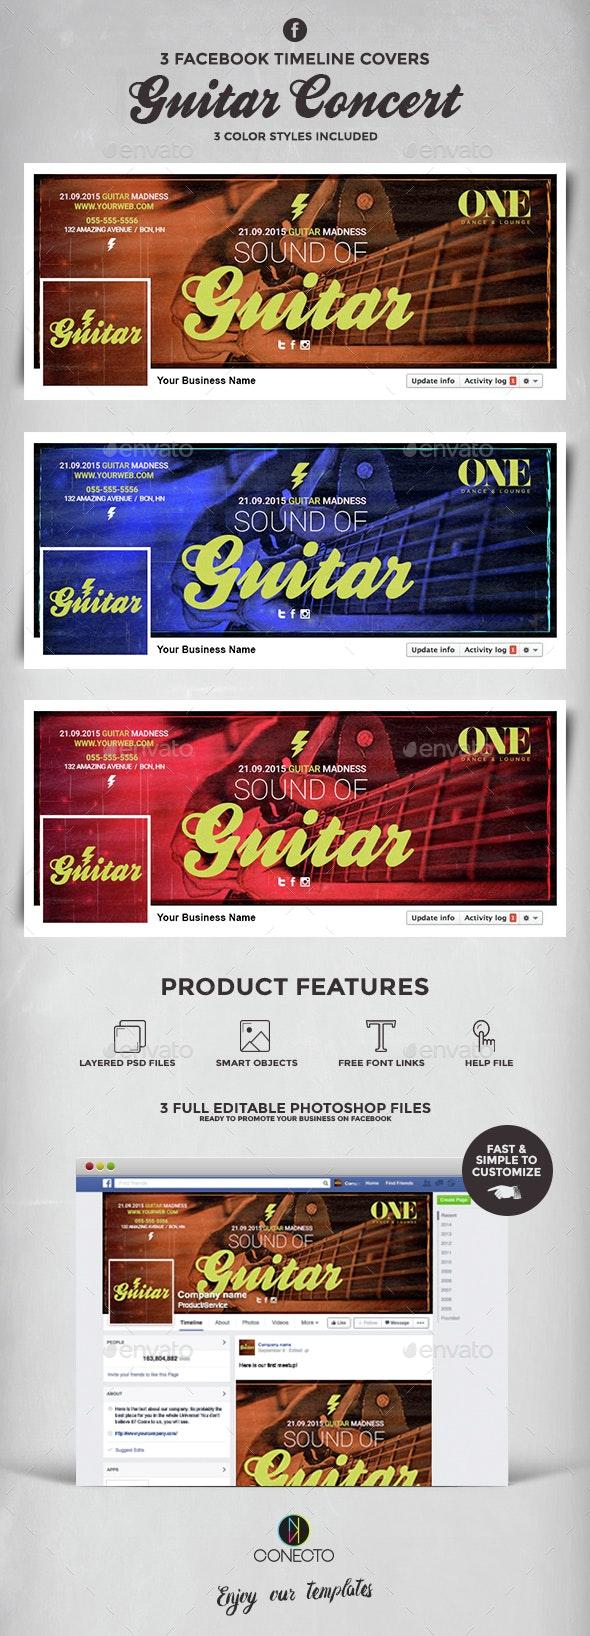 Facebook Timeline Cover - Guitar Concert